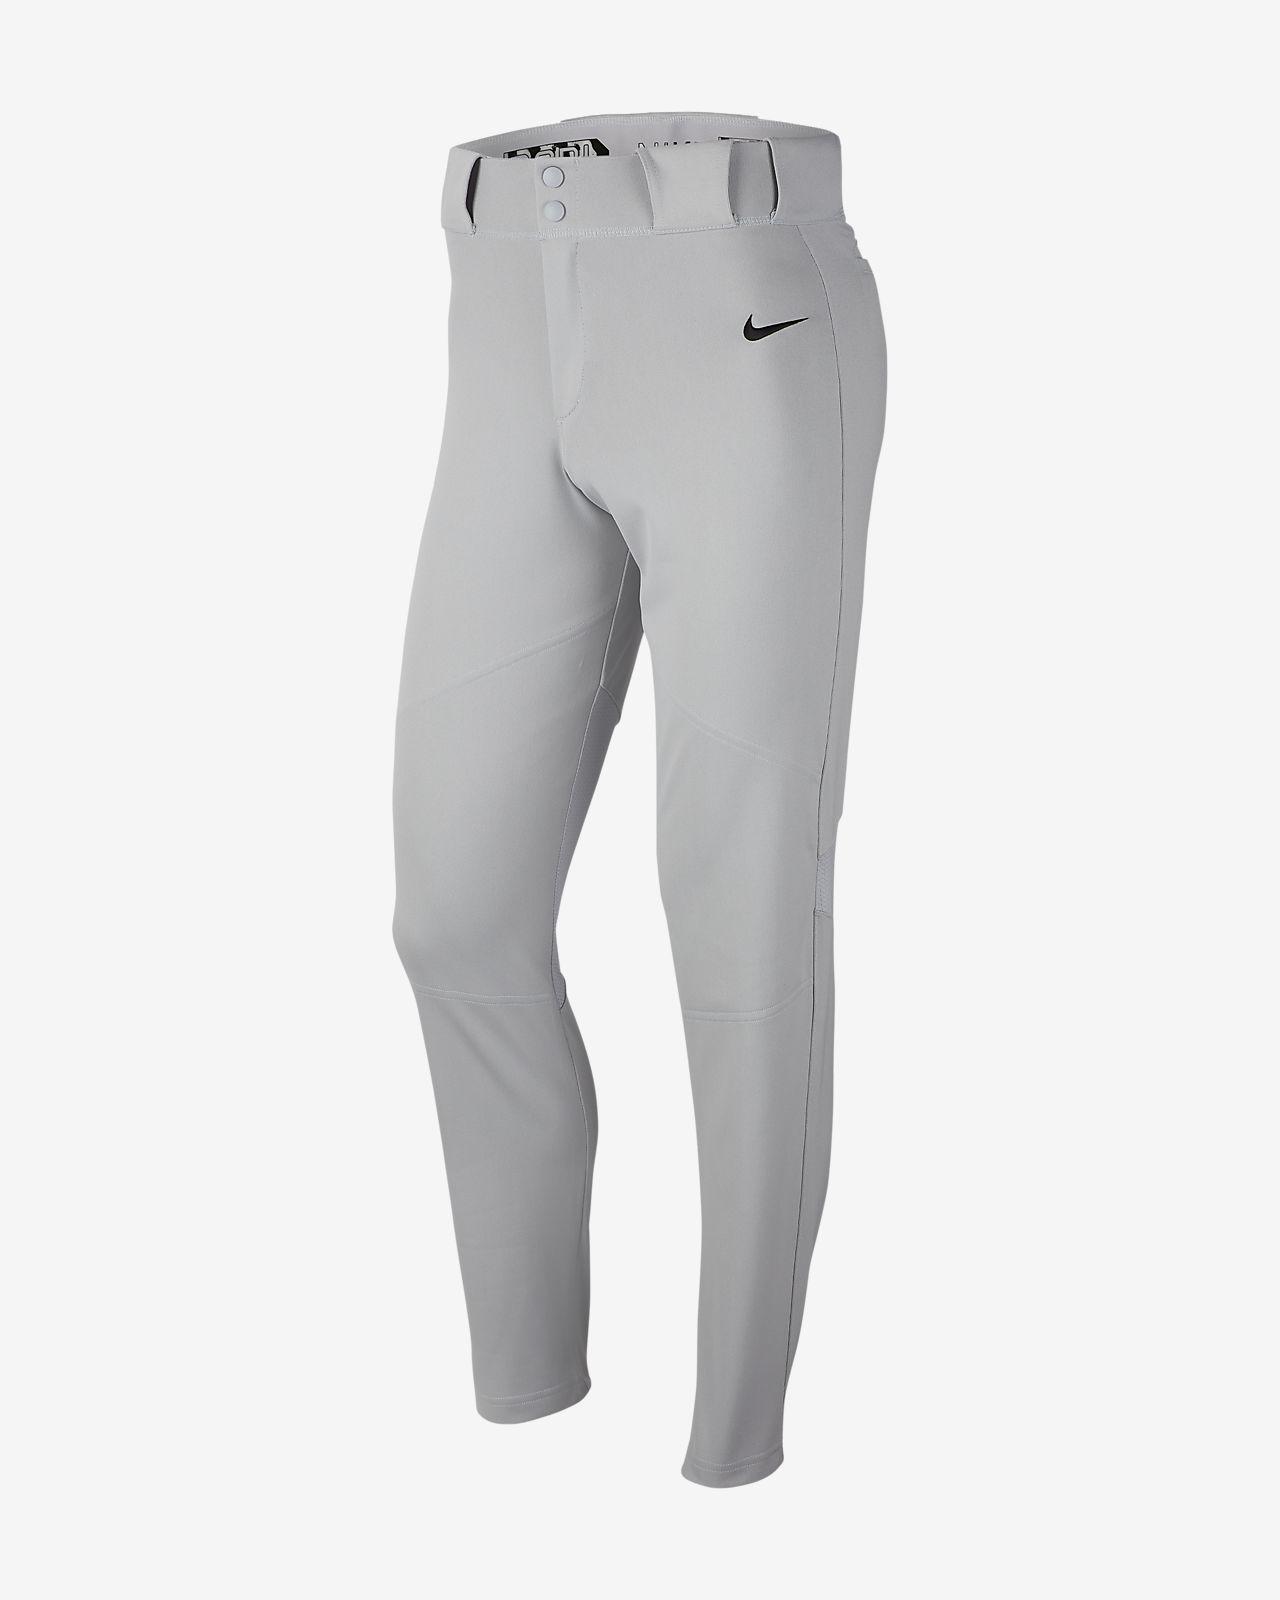 6ca1831a317 Nike Pro Vapor Men s Baseball Pants. Nike.com